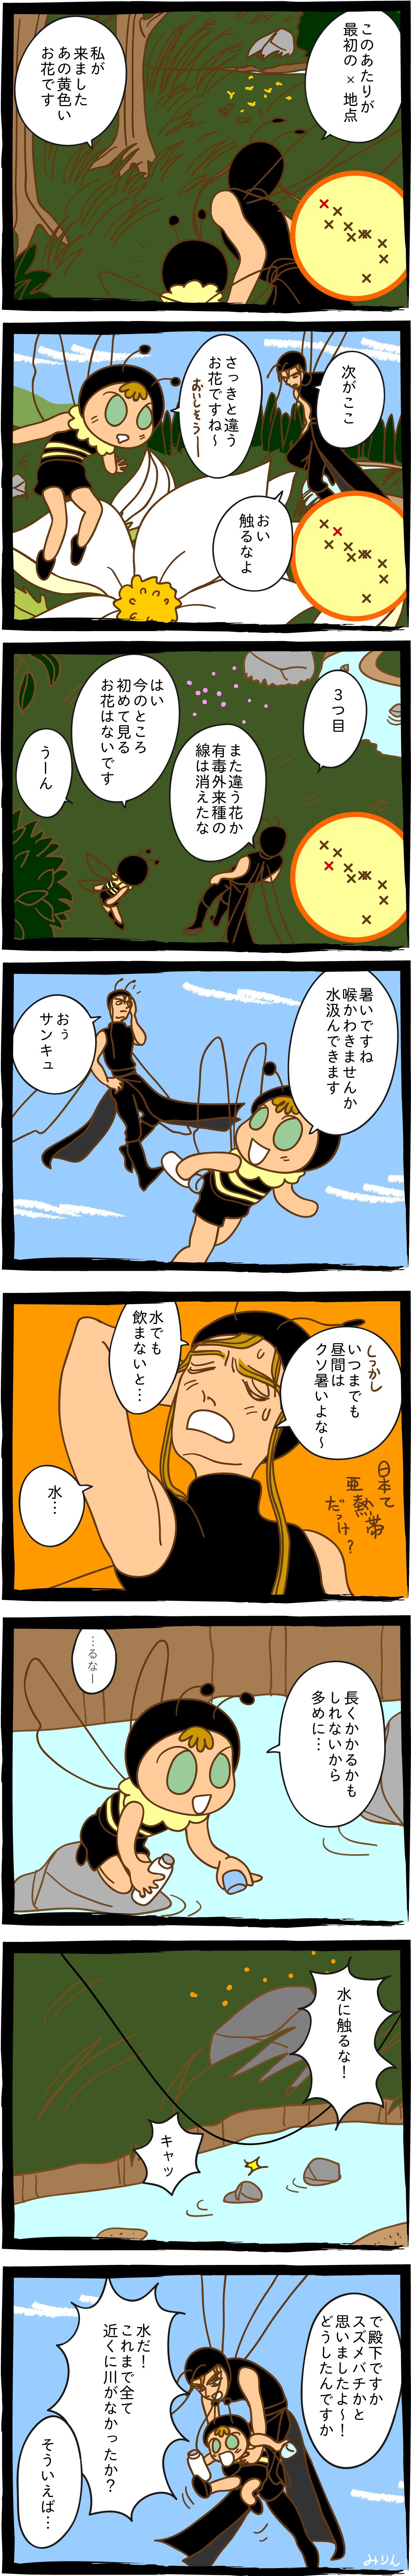 みつばち漫画みつばちさん:72. 線